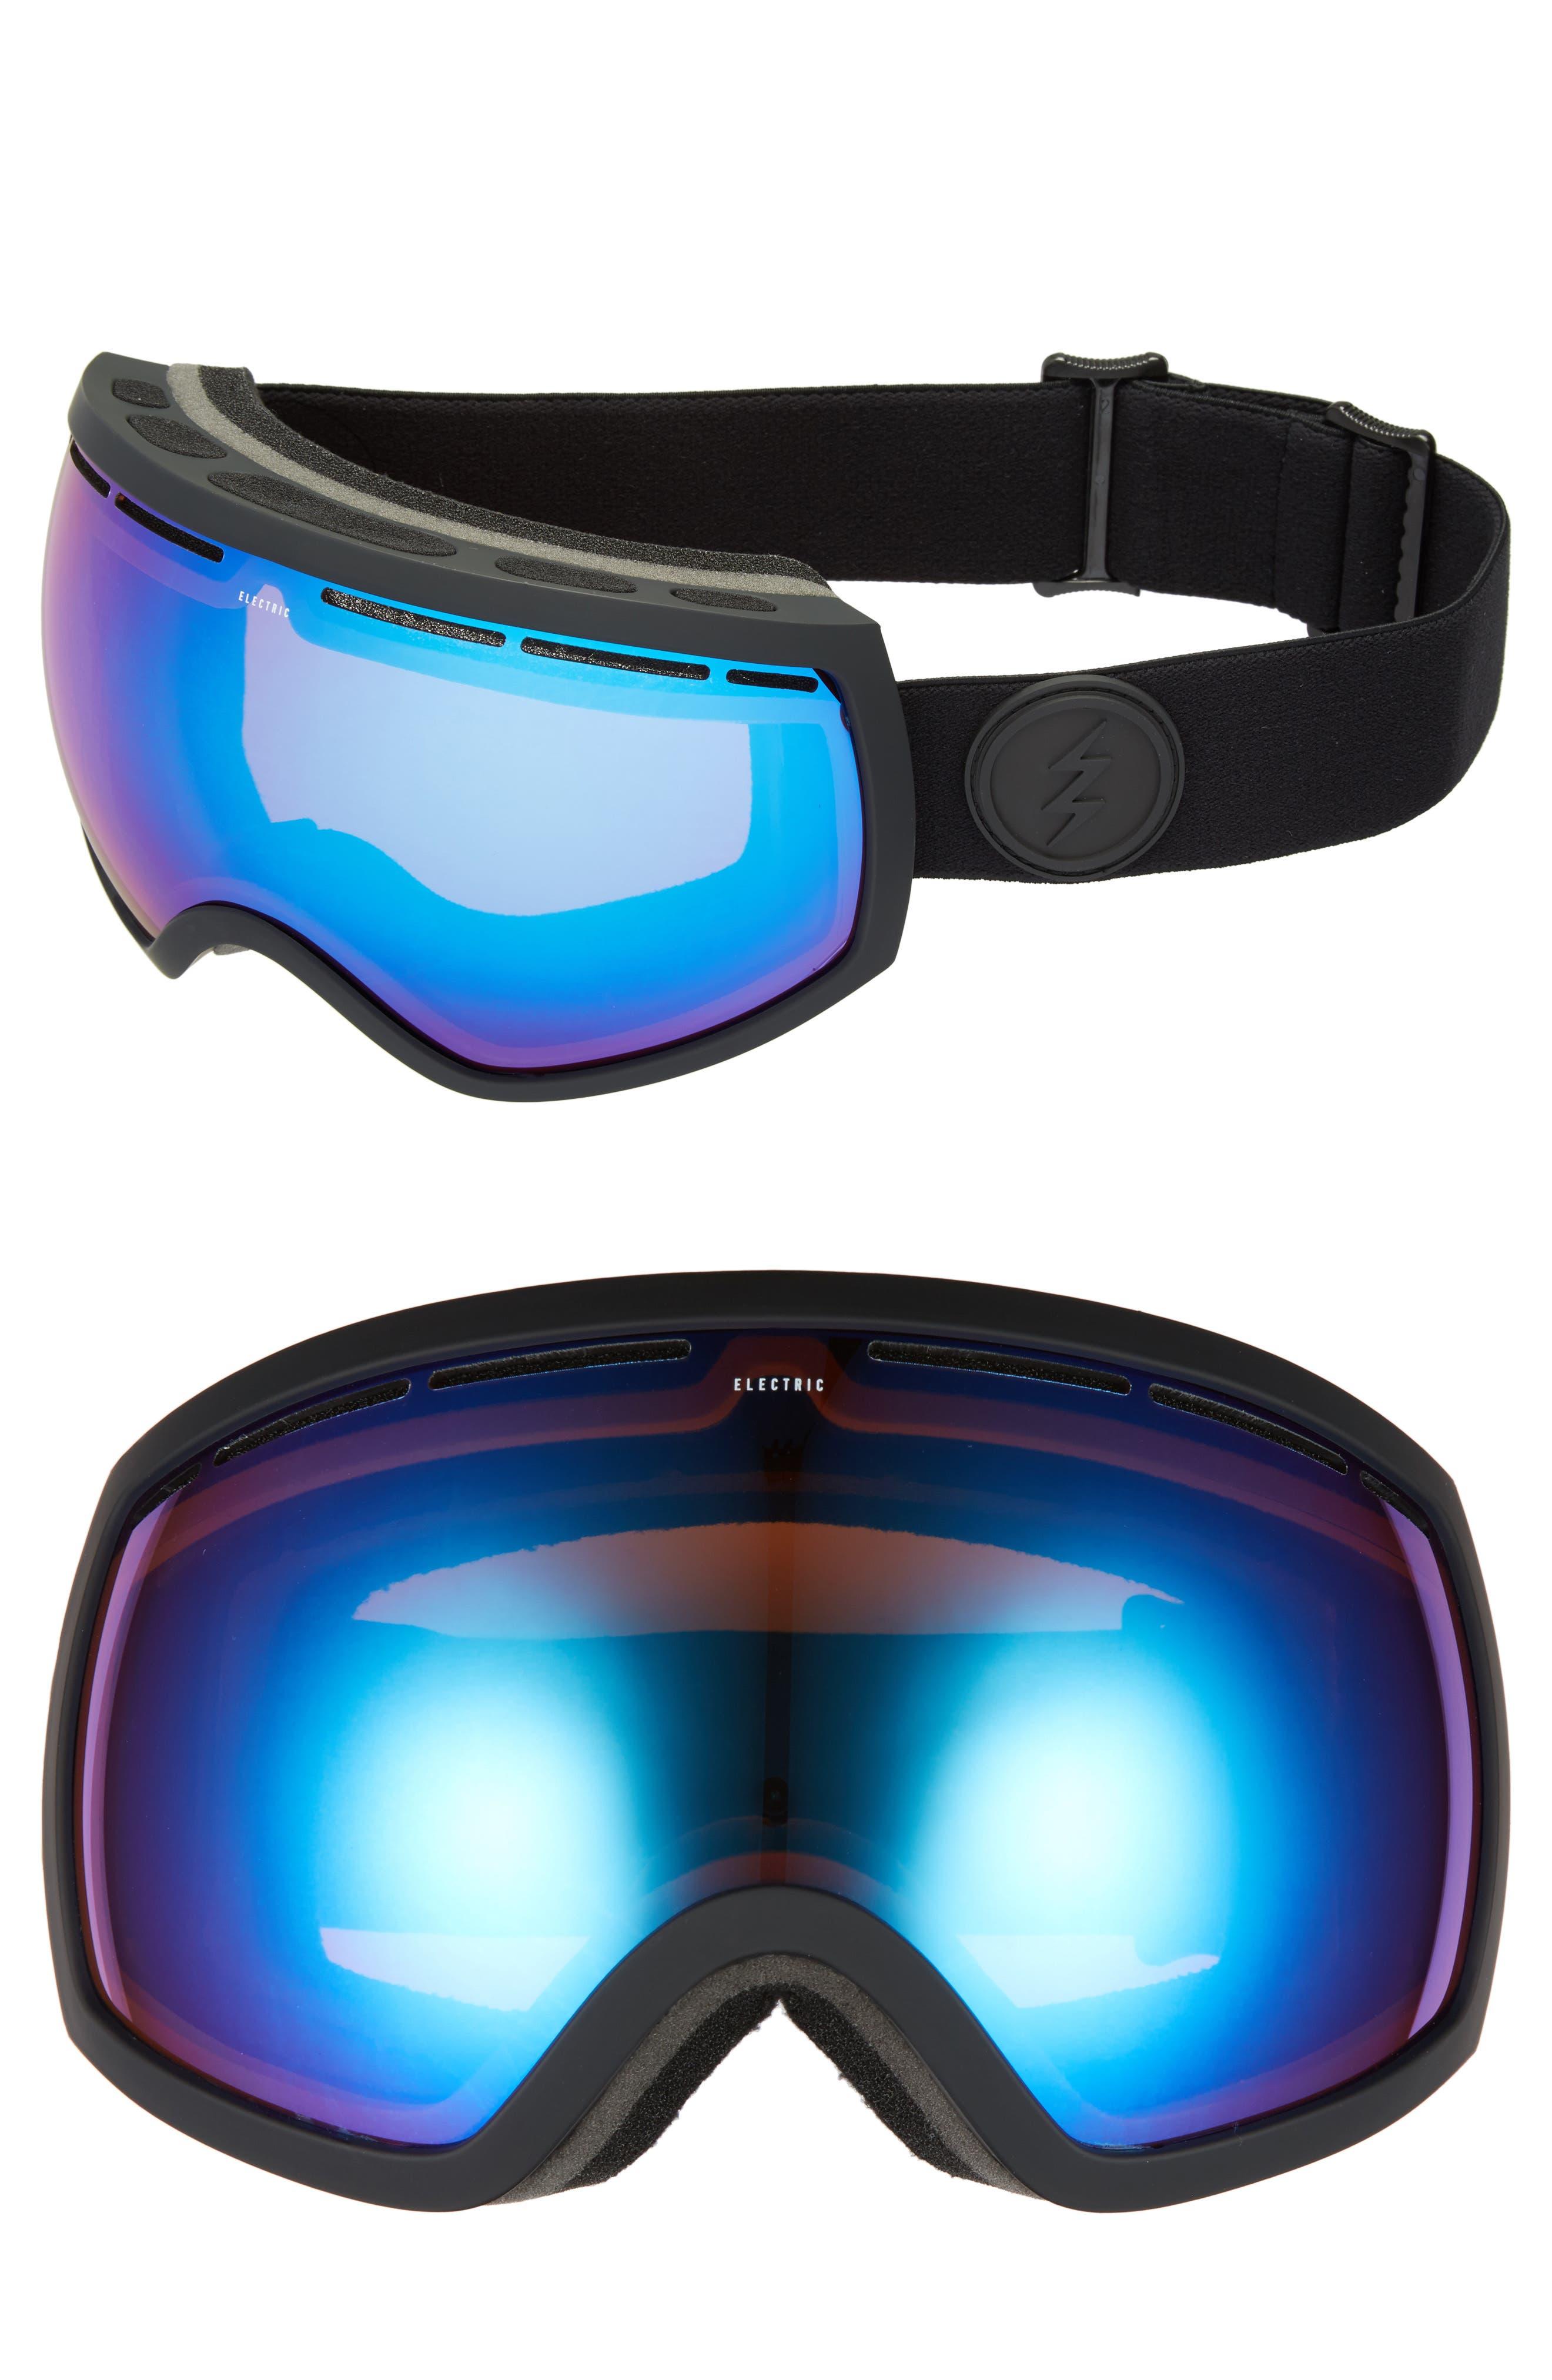 EG2 Snow Goggles,                         Main,                         color, Matte Black/ Blue Chrome